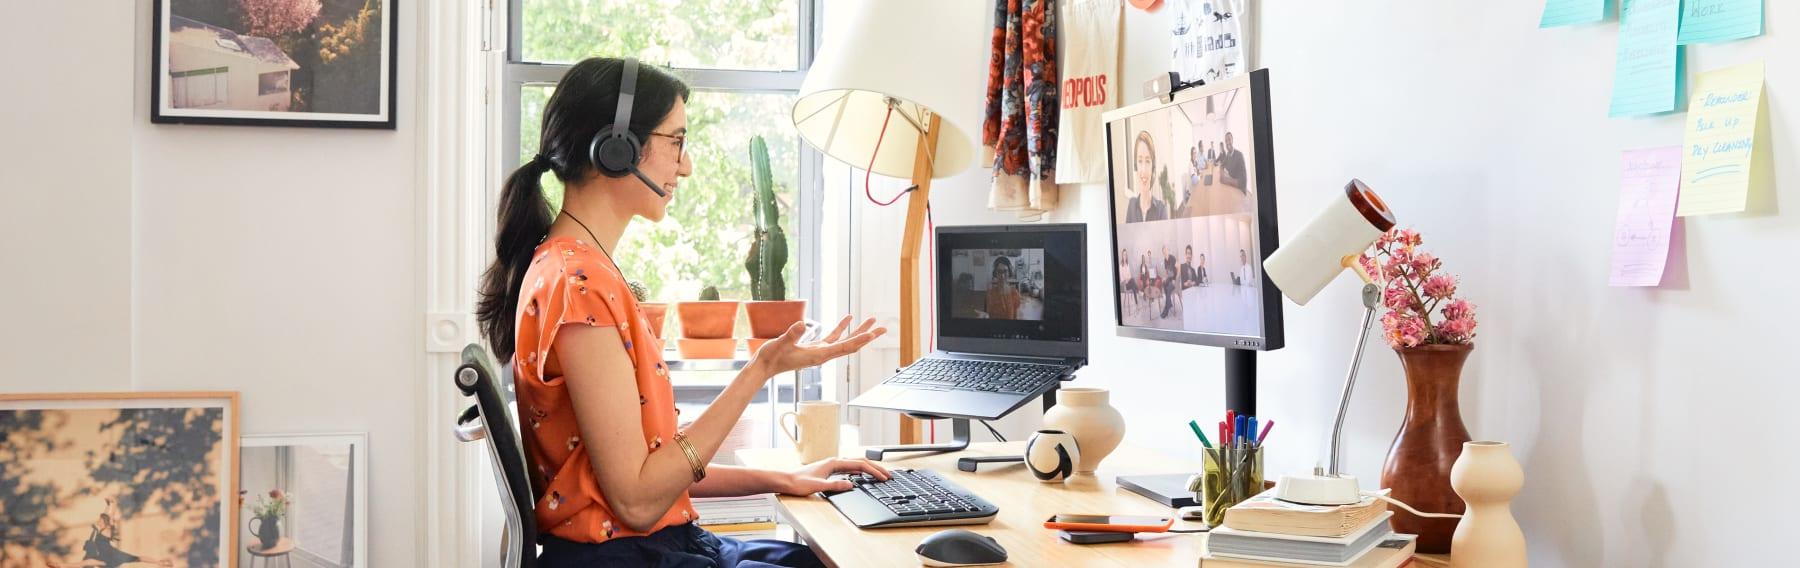 Kvinde holder videomøde med Logitech-udstyr